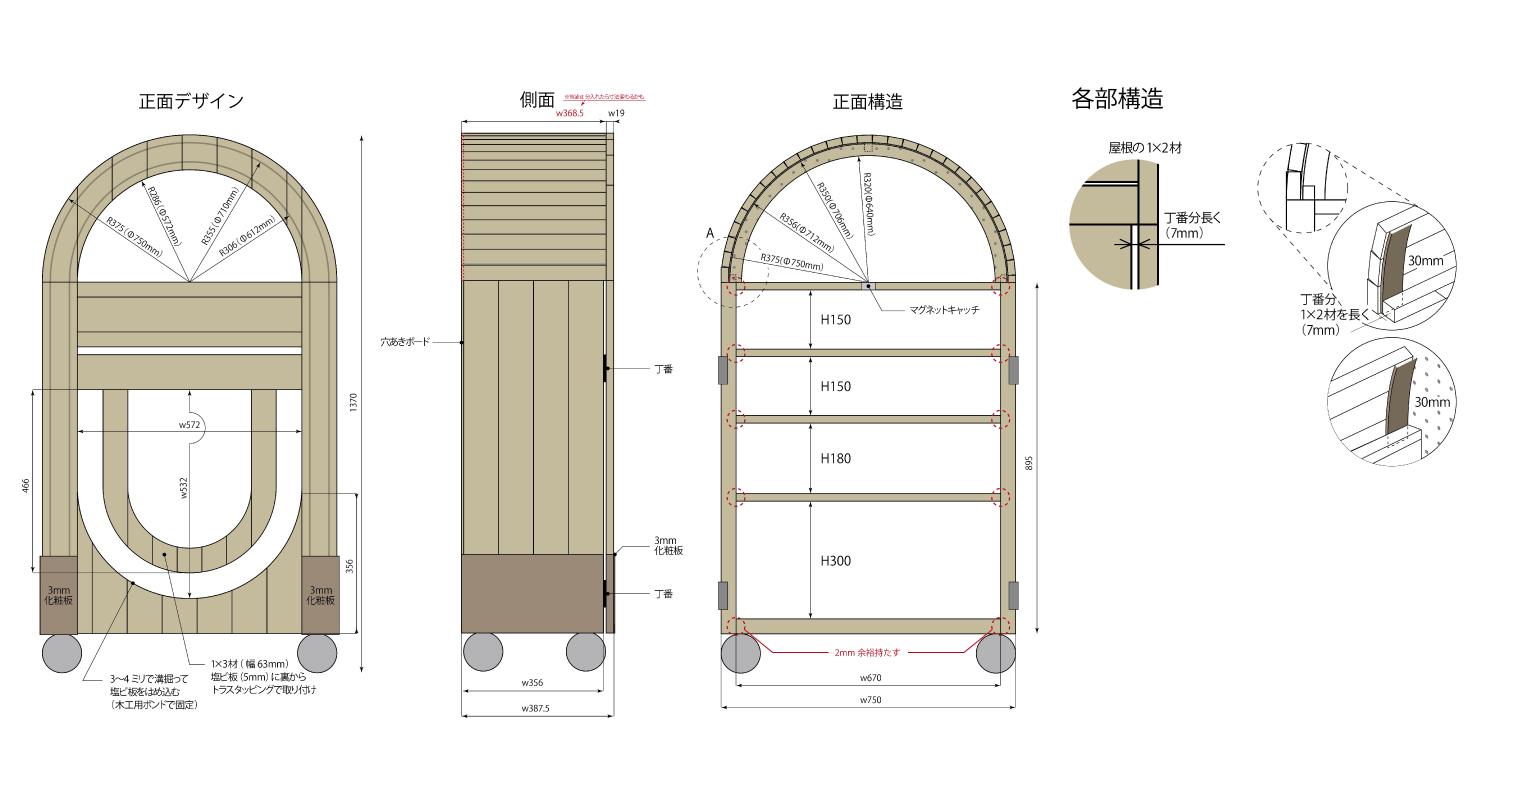 津村さんの設計図